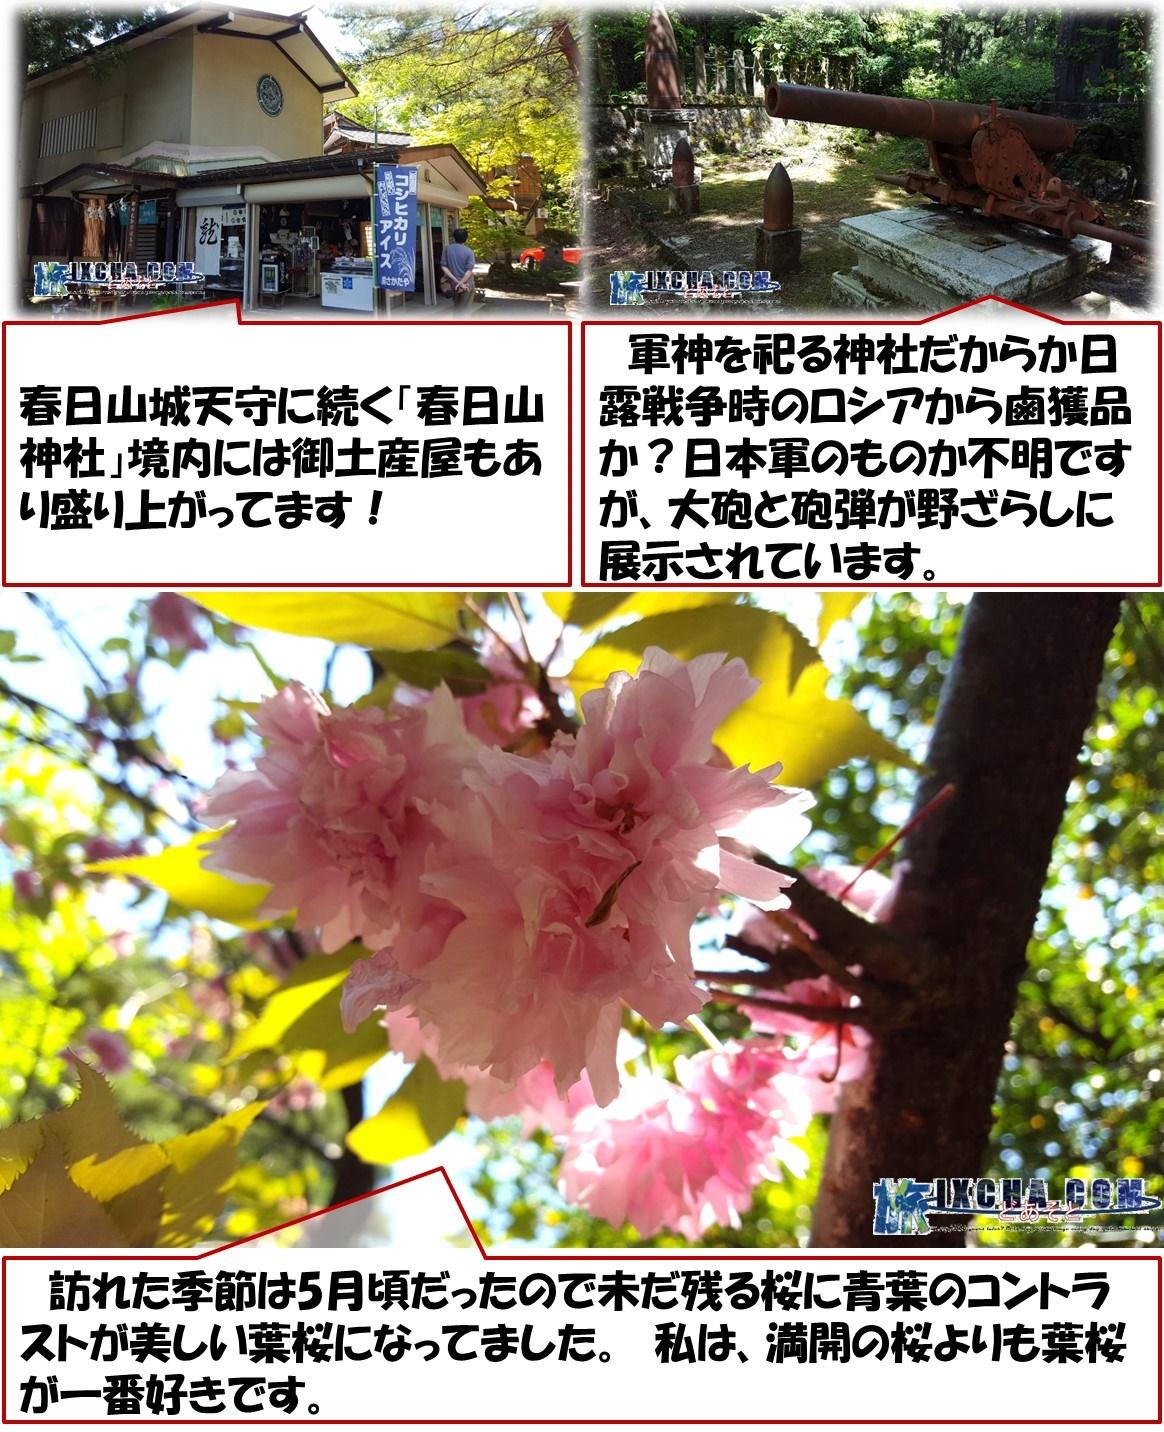 春日山城天守に続く「春日山神社」境内には御土産屋もあり盛り上がってます! 軍神を祀る神社だからか日露戦争時のロシアから鹵獲品か?日本軍のものか不明ですが、大砲と砲弾が野ざらしに展示されています。 訪れた季節は5月頃だったので未だ残る桜に青葉のコントラストが美しい葉桜になってました。 私は、満開の桜よりも葉桜が一番好きです。